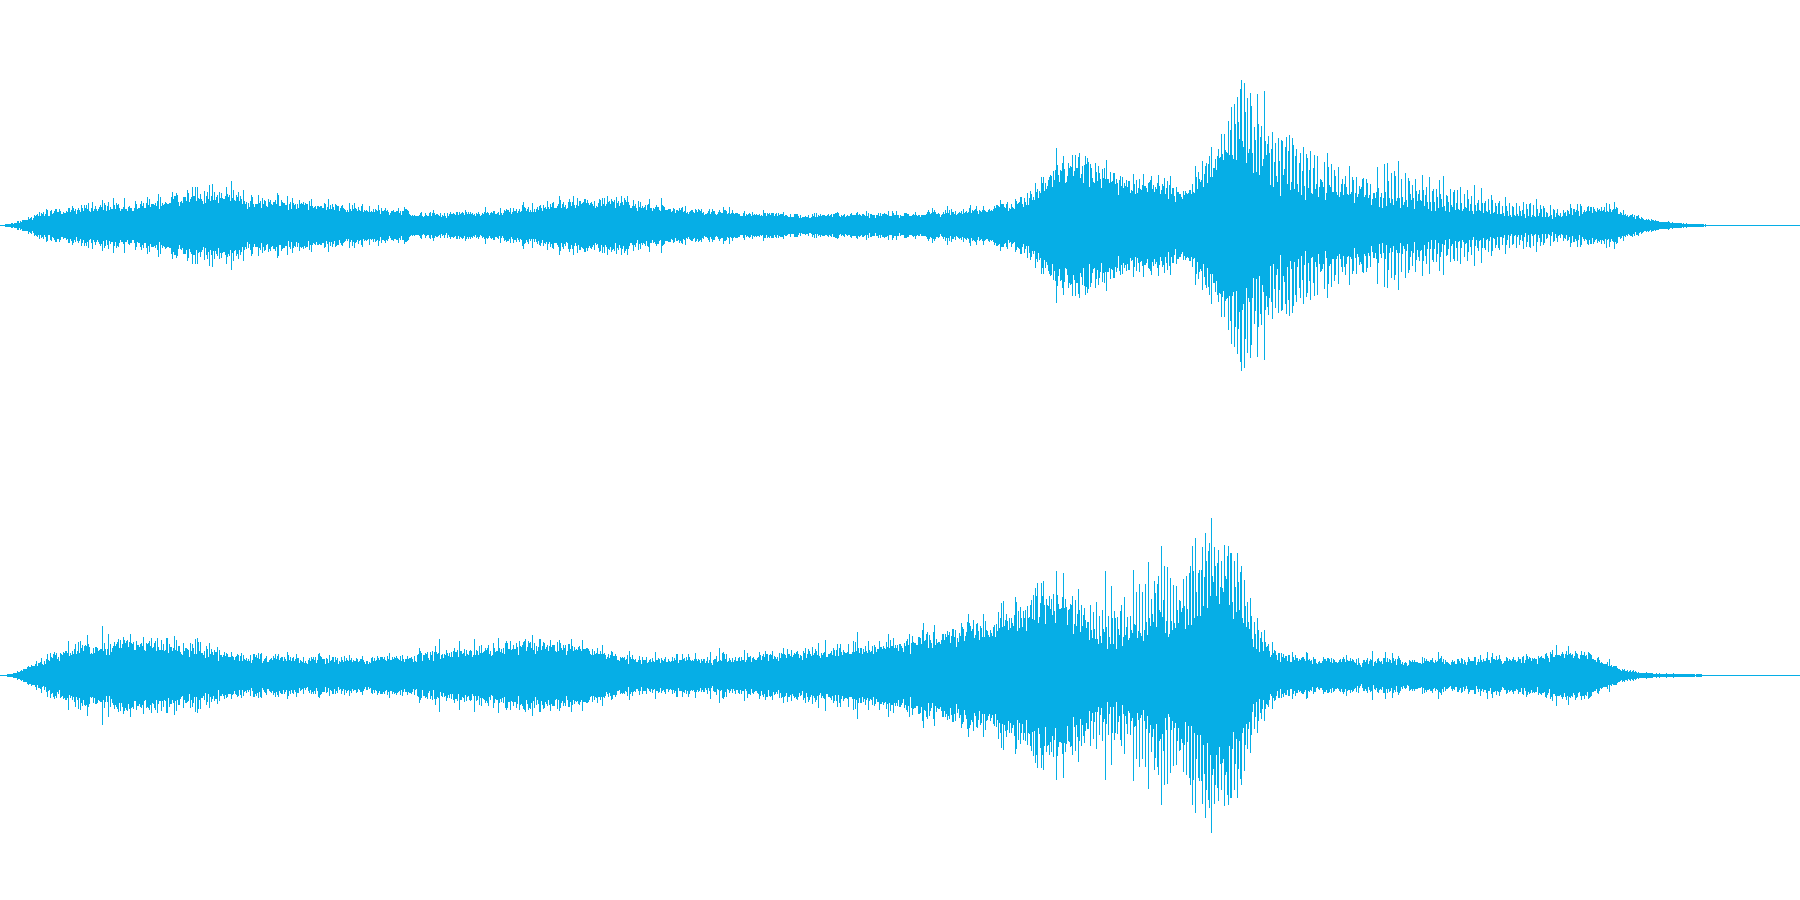 【生録音】 早朝の街 交通 環境音 2の再生済みの波形